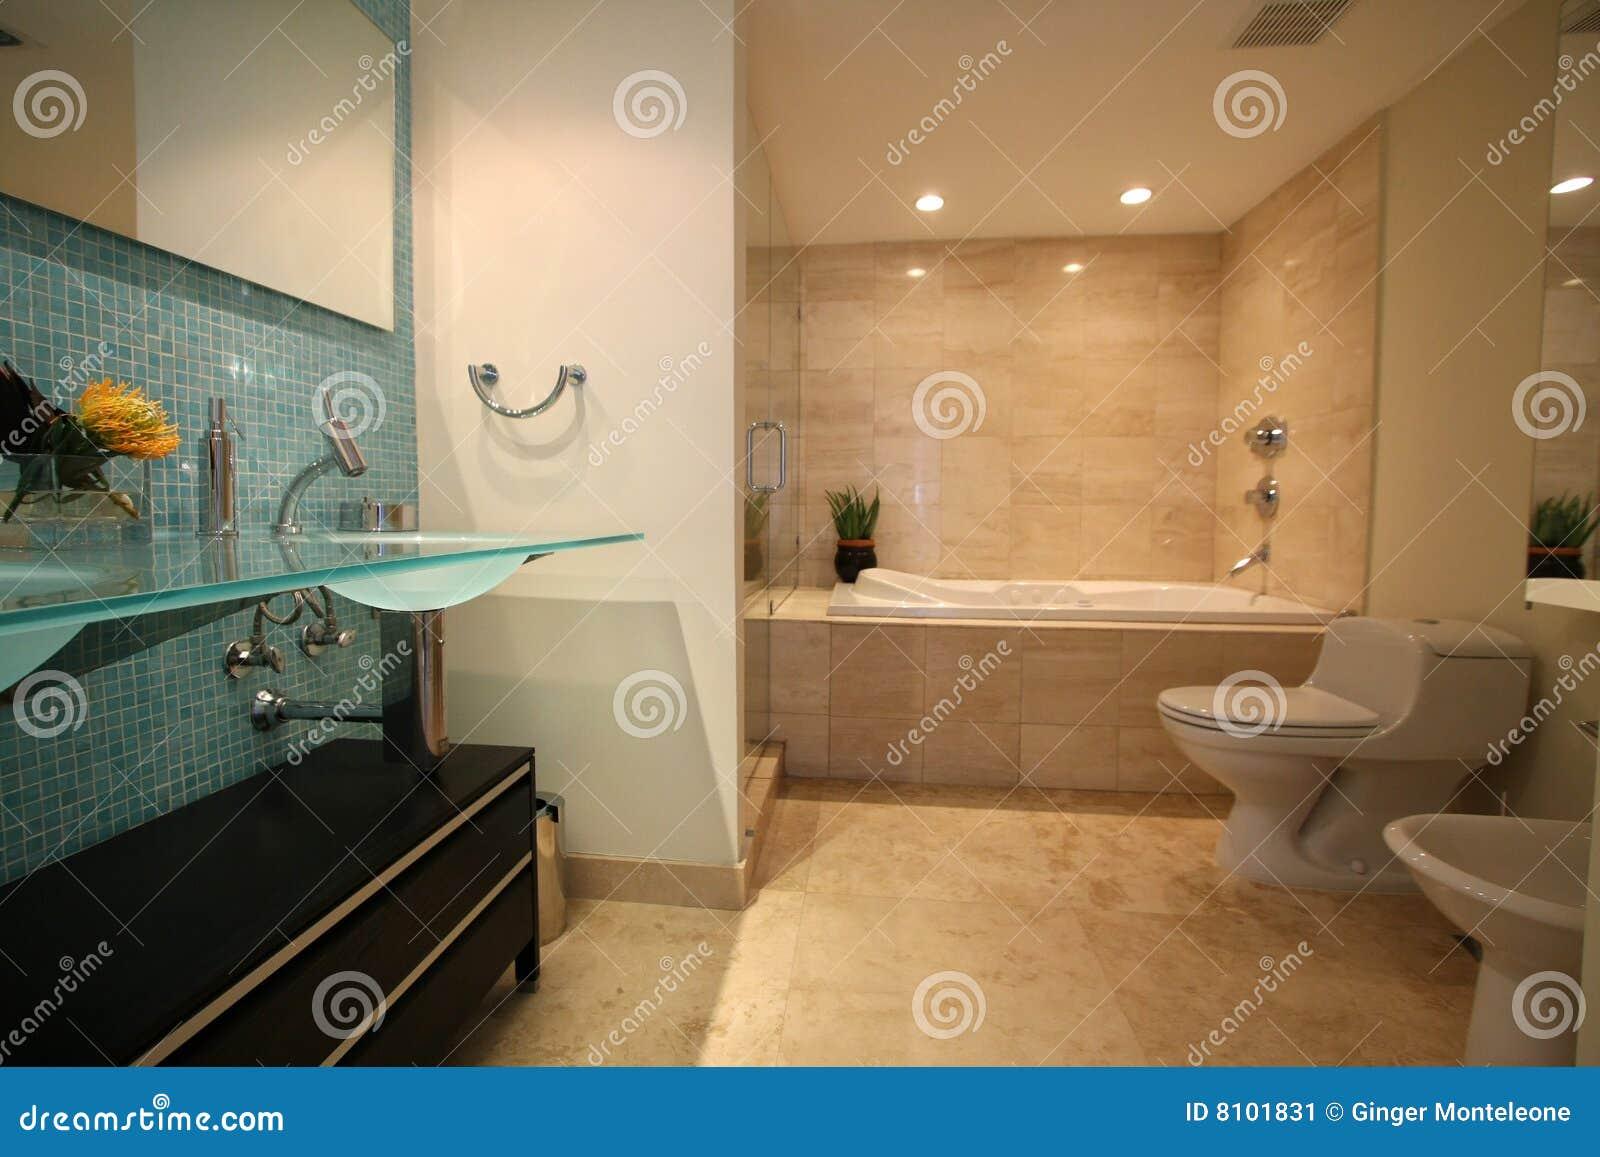 Stanza Da Bagno Di Lusso Immagine Stock - Immagine: 8101831